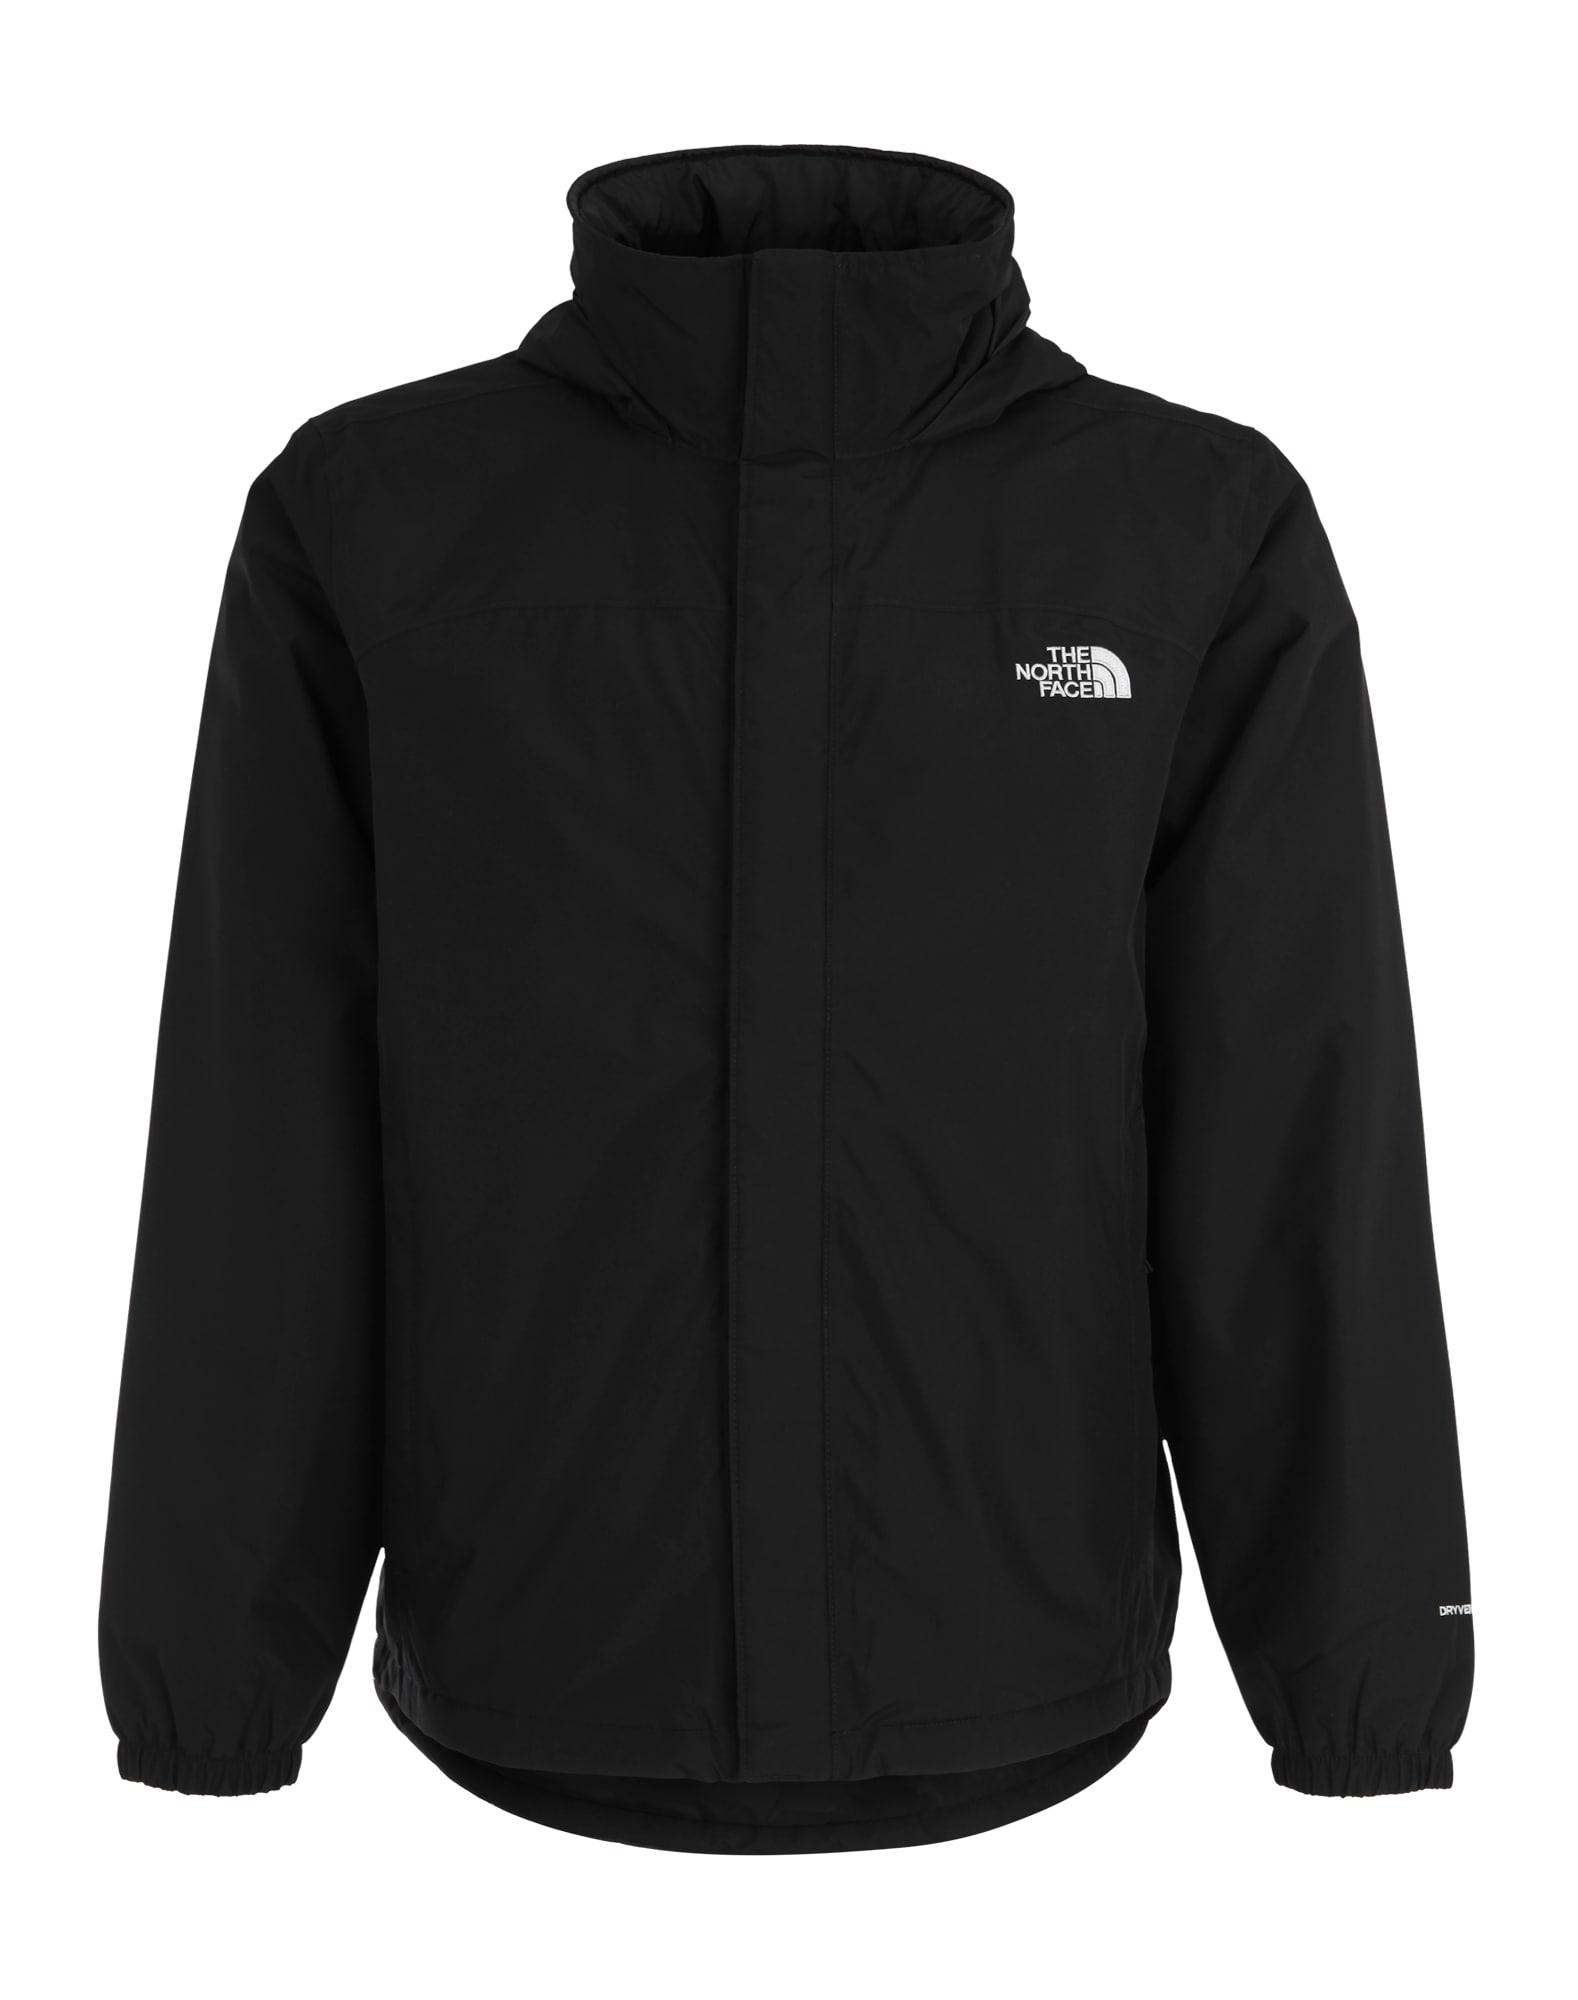 Outdoorová bunda Resolve černá THE NORTH FACE